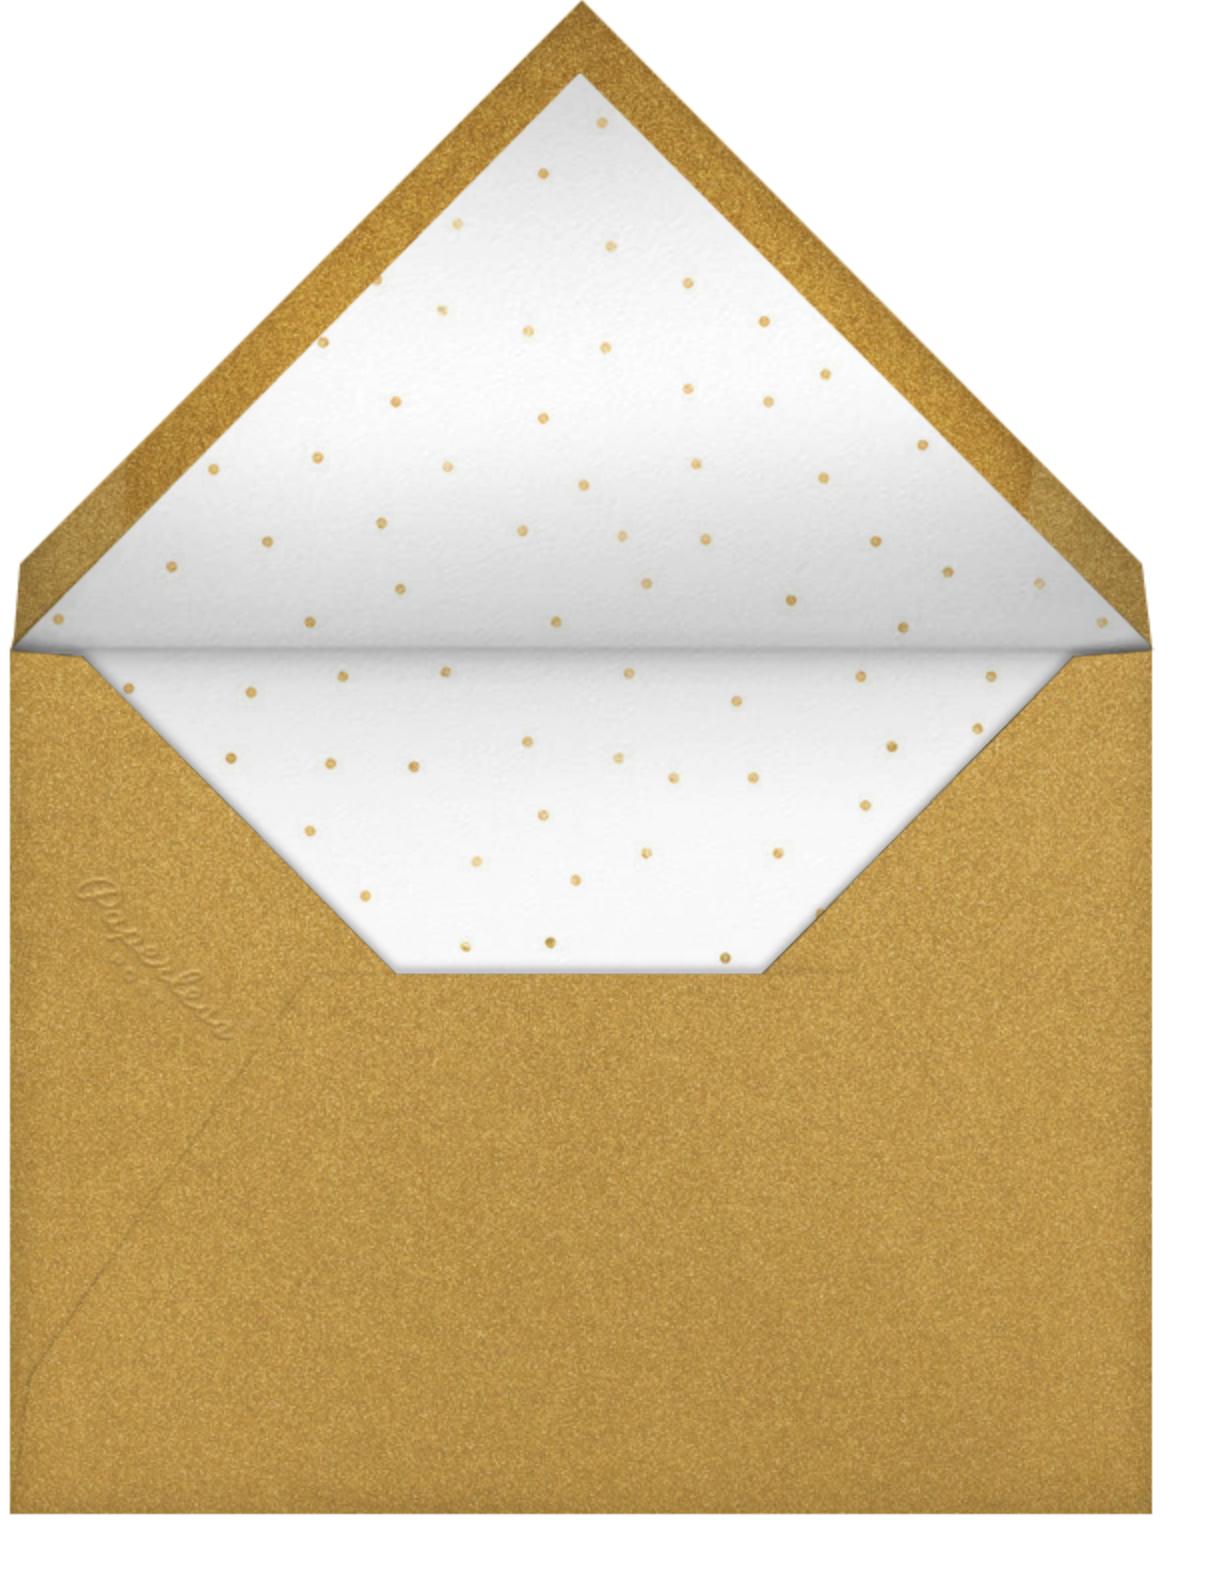 Almaviva Photo - Join Us - Paperless Post - Rehearsal dinner - envelope back